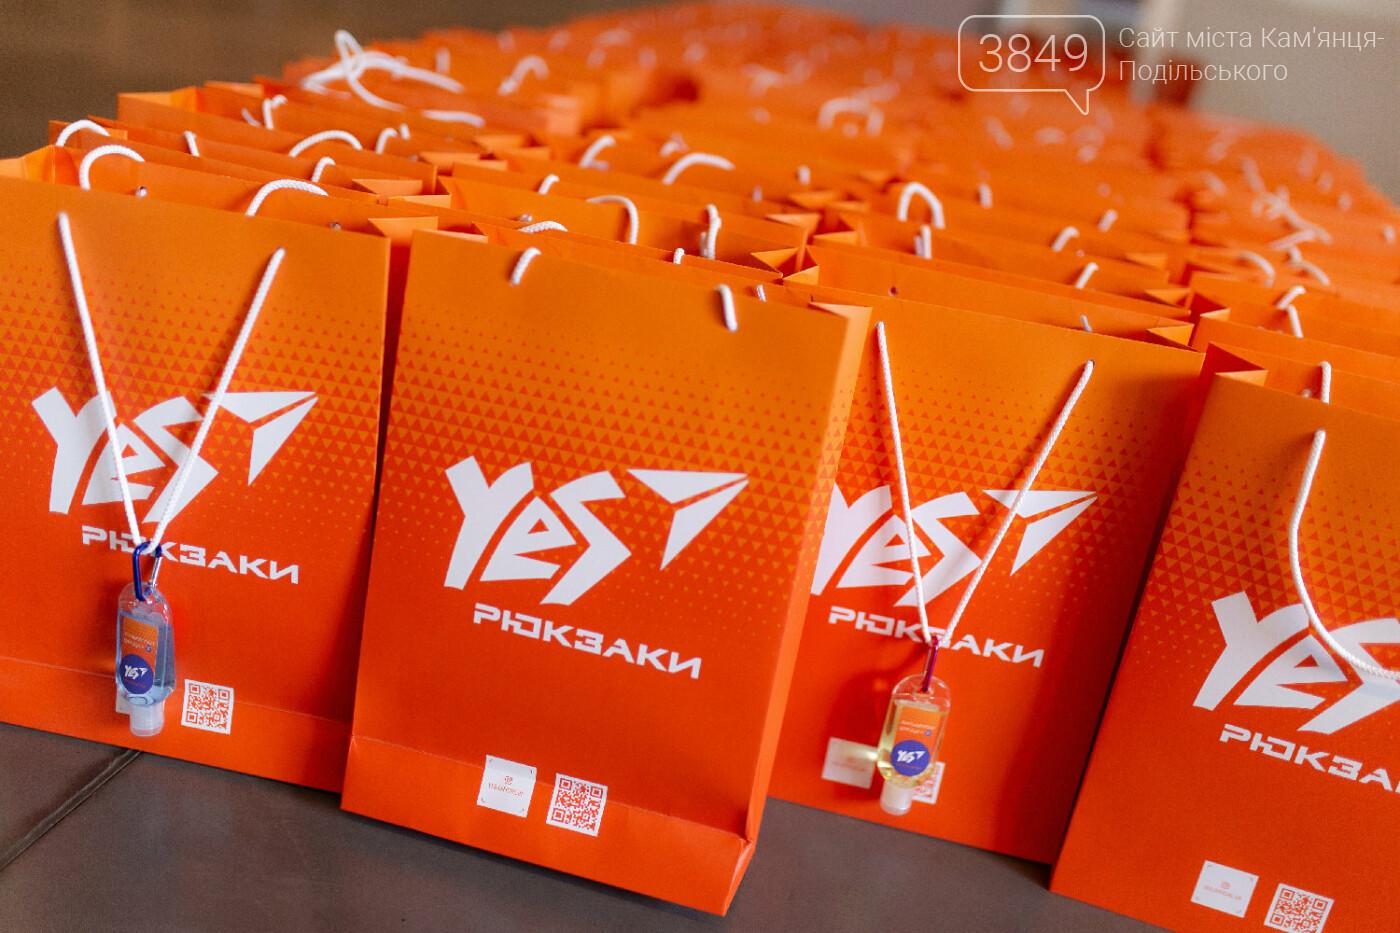 Рюкзаки YES влаштували перший в світі fashion-показ рюкзаків, фото-6